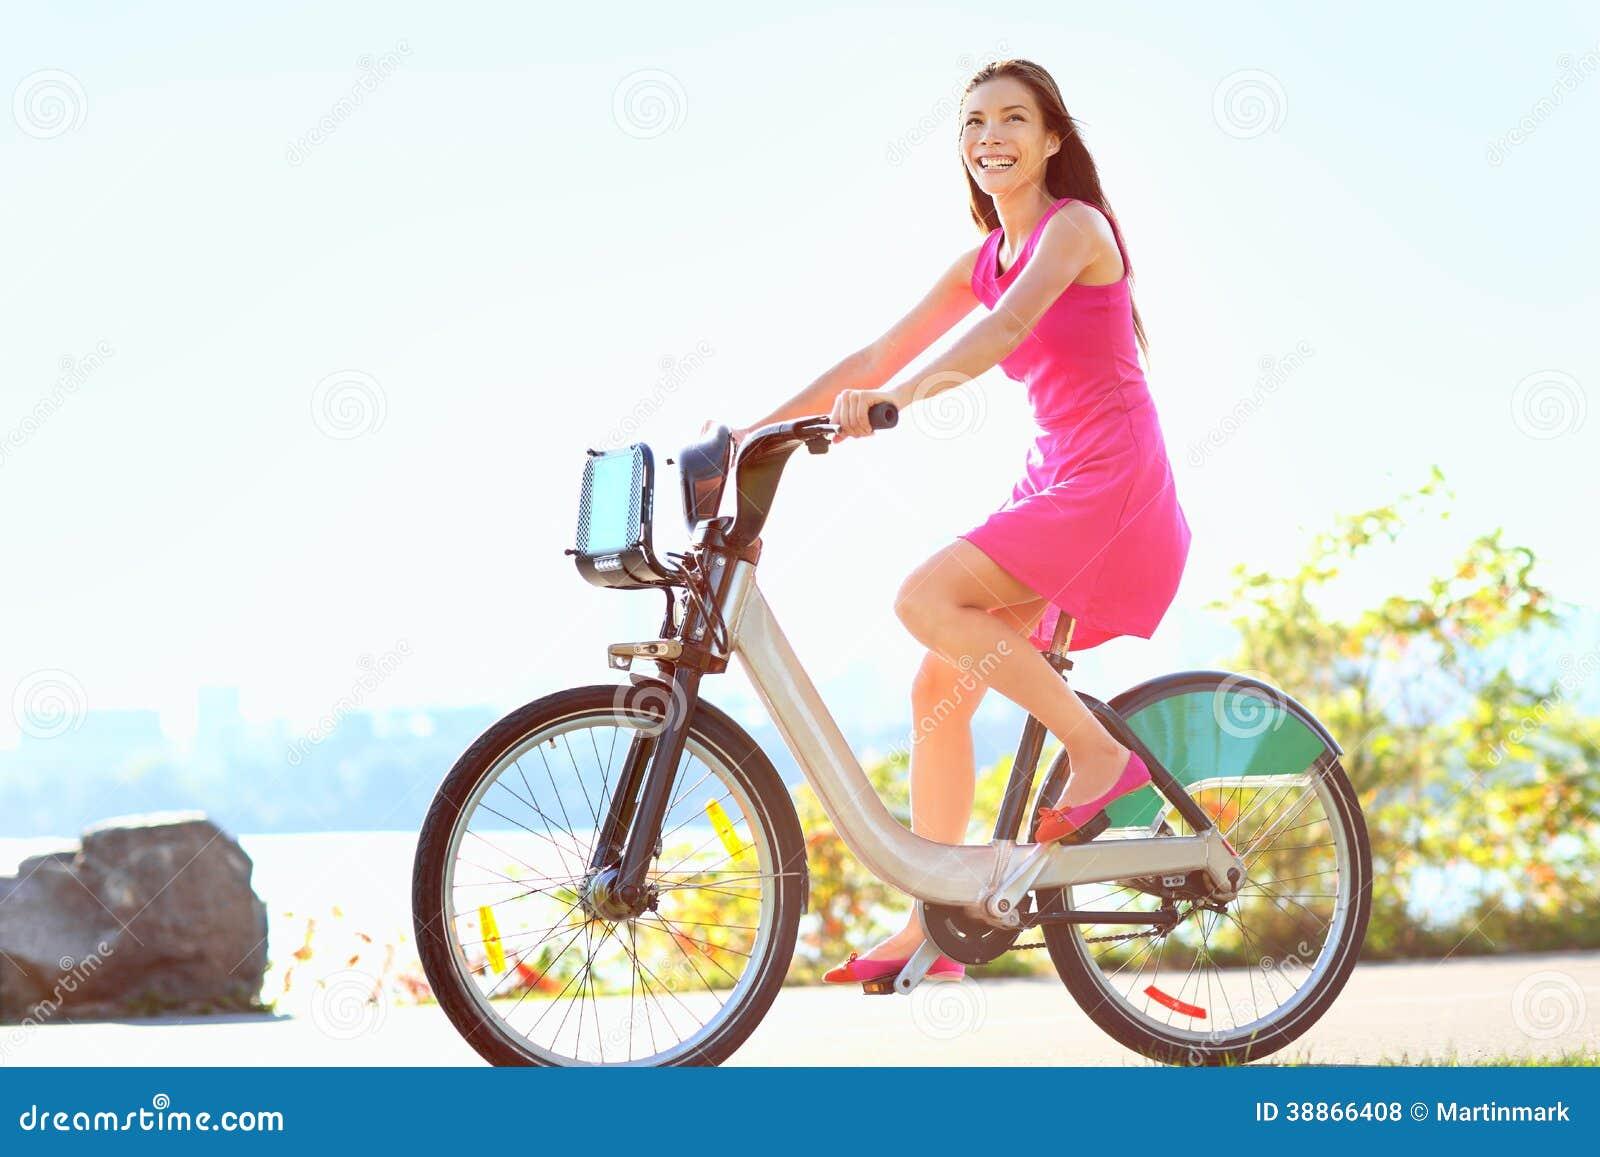 Фото велосипеды для девушки